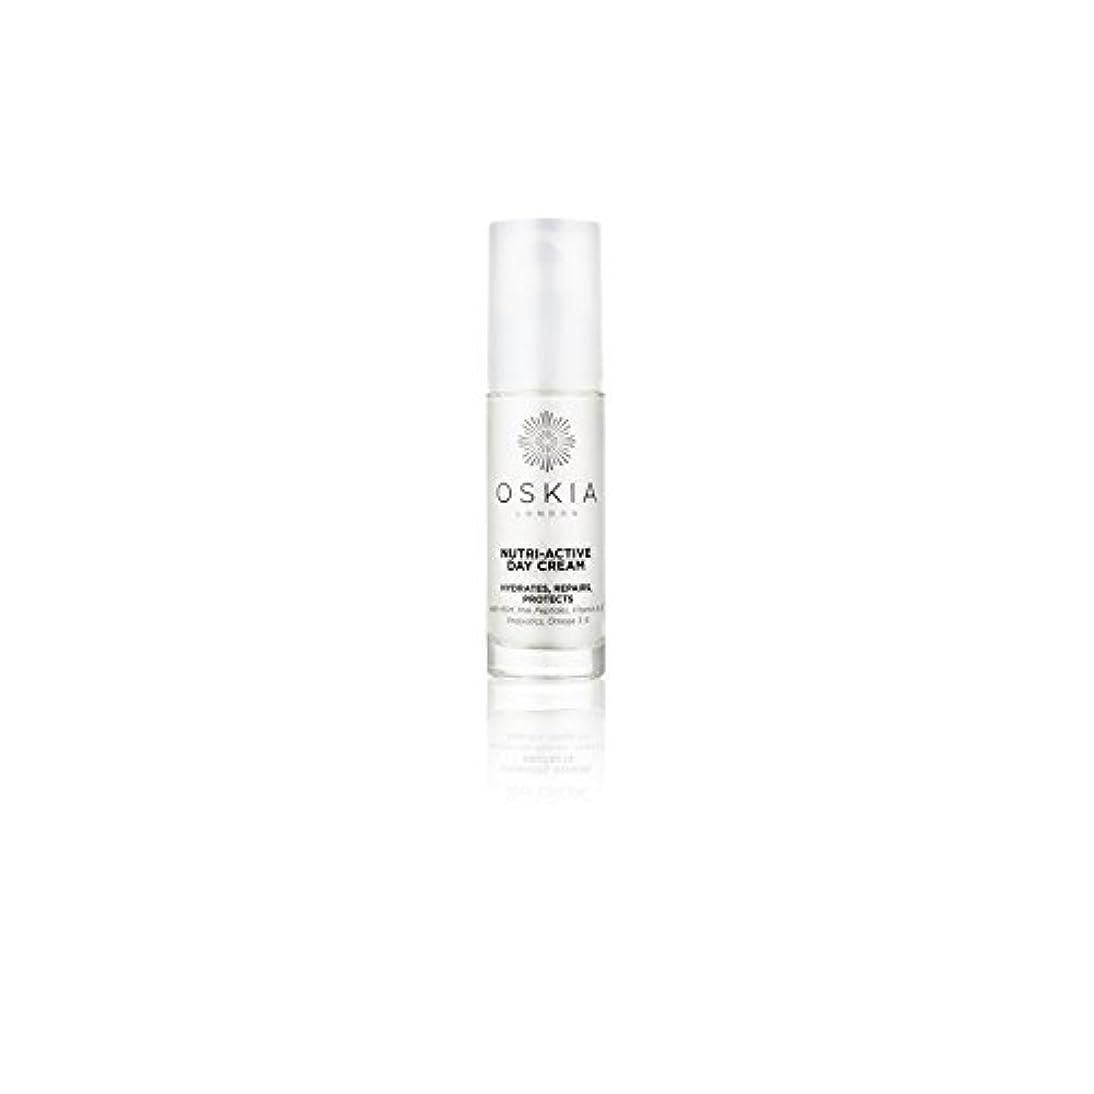 歯痛処分したシーズンOskia Nutri-Active Day Cream (40ml) (Pack of 6) - のニュートリアクティブデイクリーム(40ミリリットル) x6 [並行輸入品]